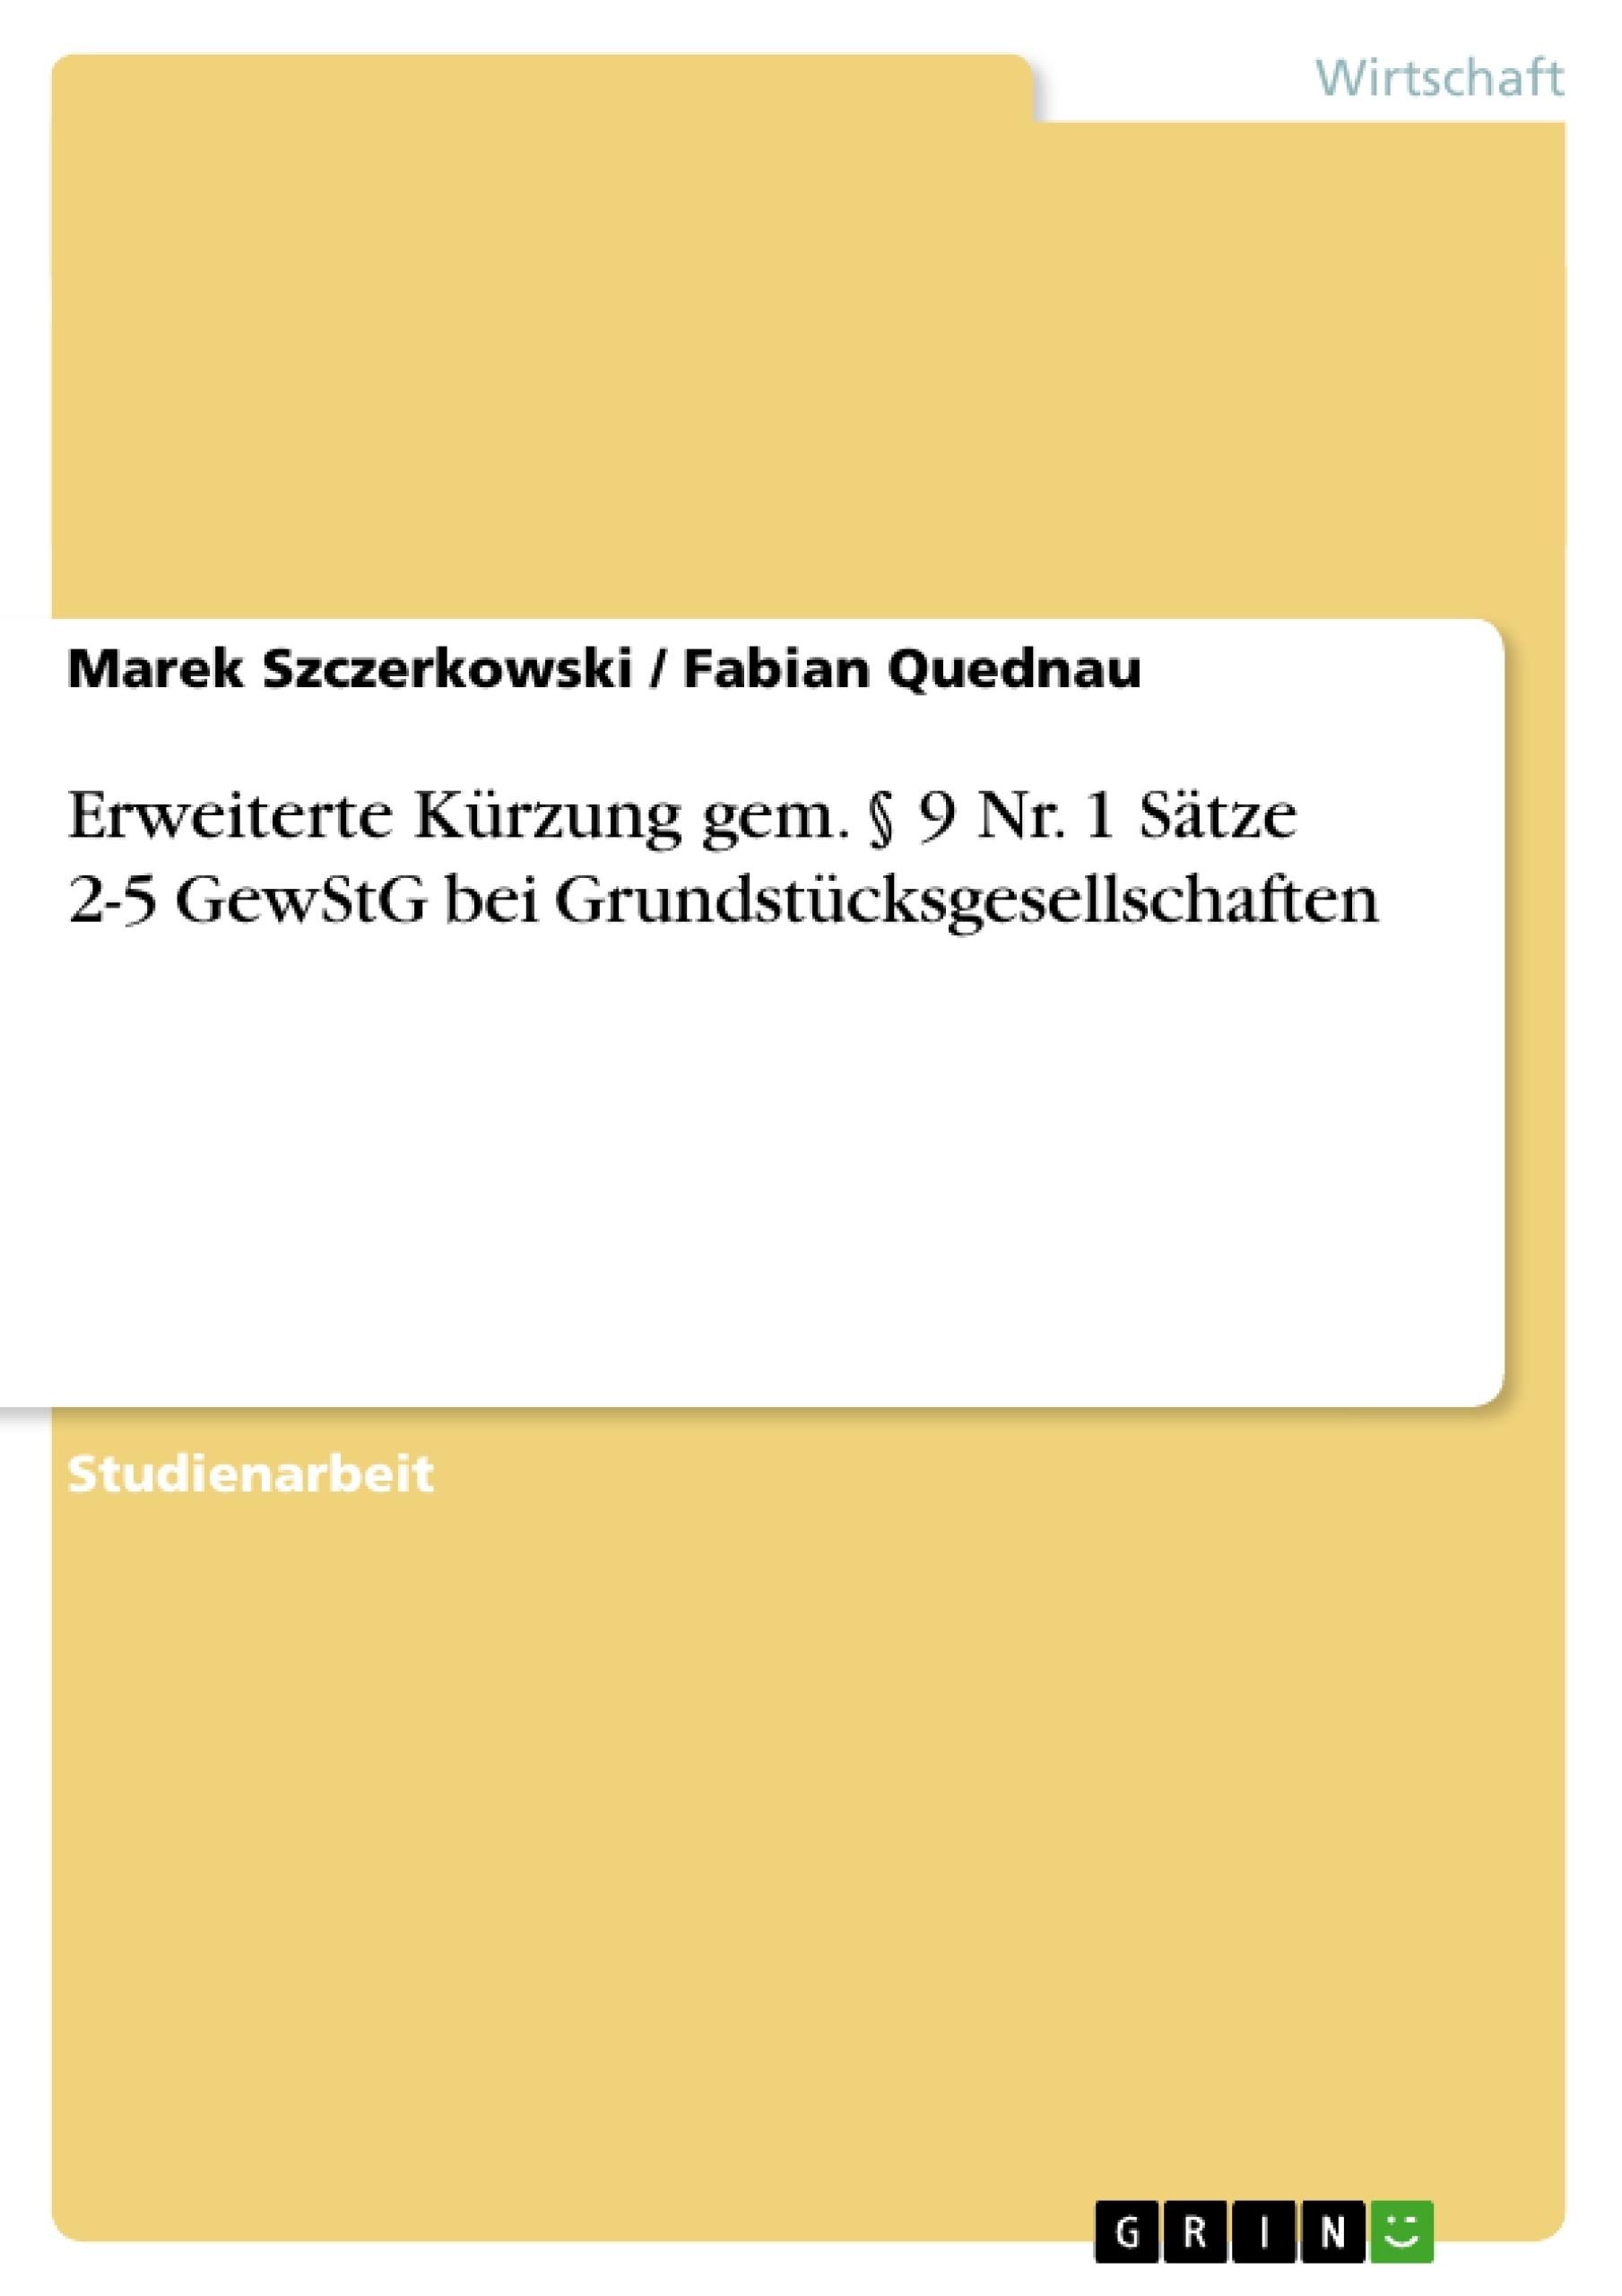 Titel: Erweiterte Kürzung gem. § 9 Nr. 1 Sätze 2-5 GewStG bei Grundstücksgesellschaften